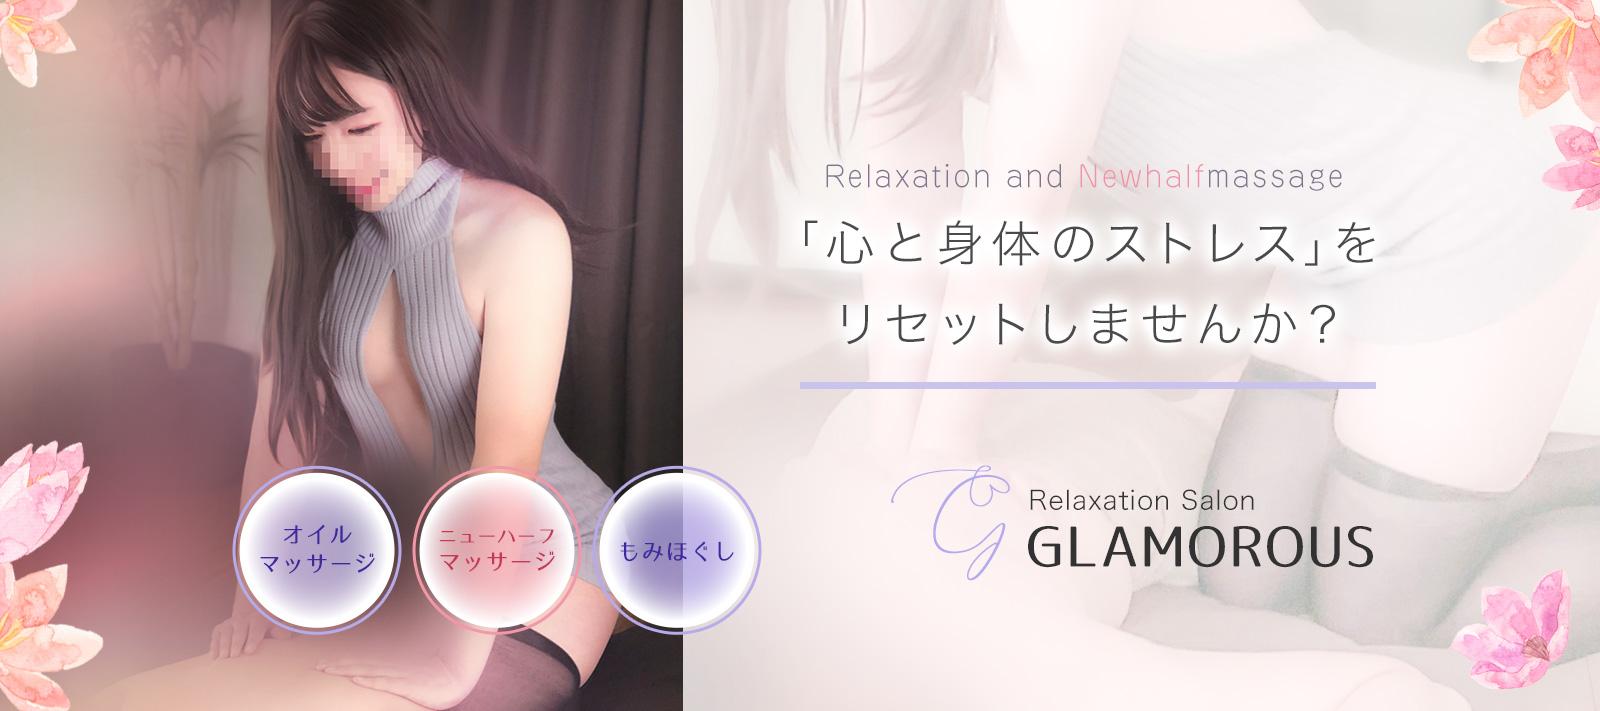 名古屋ニューハーフマッサージ専門店GLAMOROUS|望月菜々美(モチヅキナナミ)はこちら